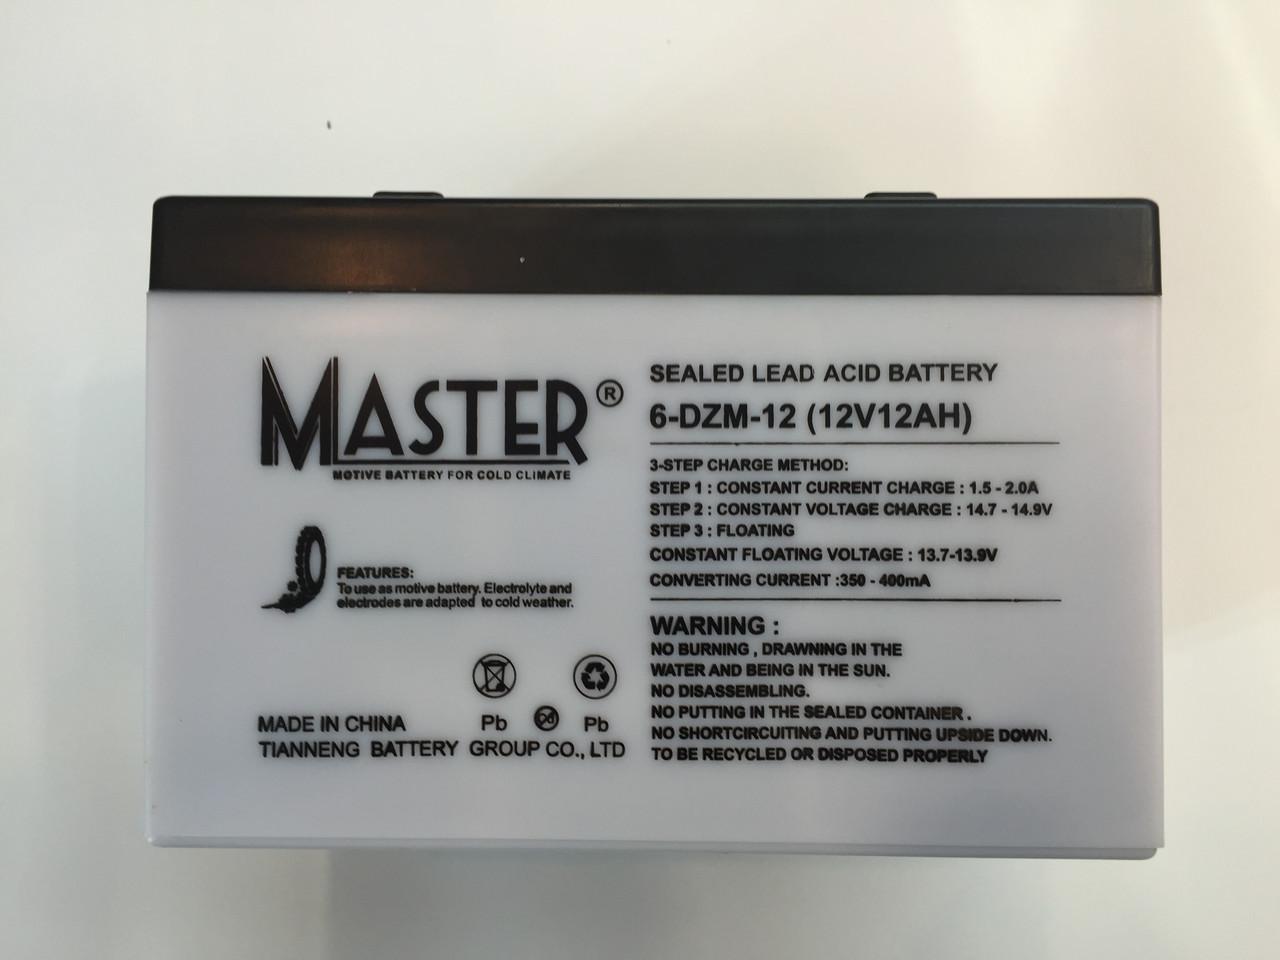 Аккумуляторы к электровелосипедам MASTER 6-DZM-12  - Instrade в Днепре